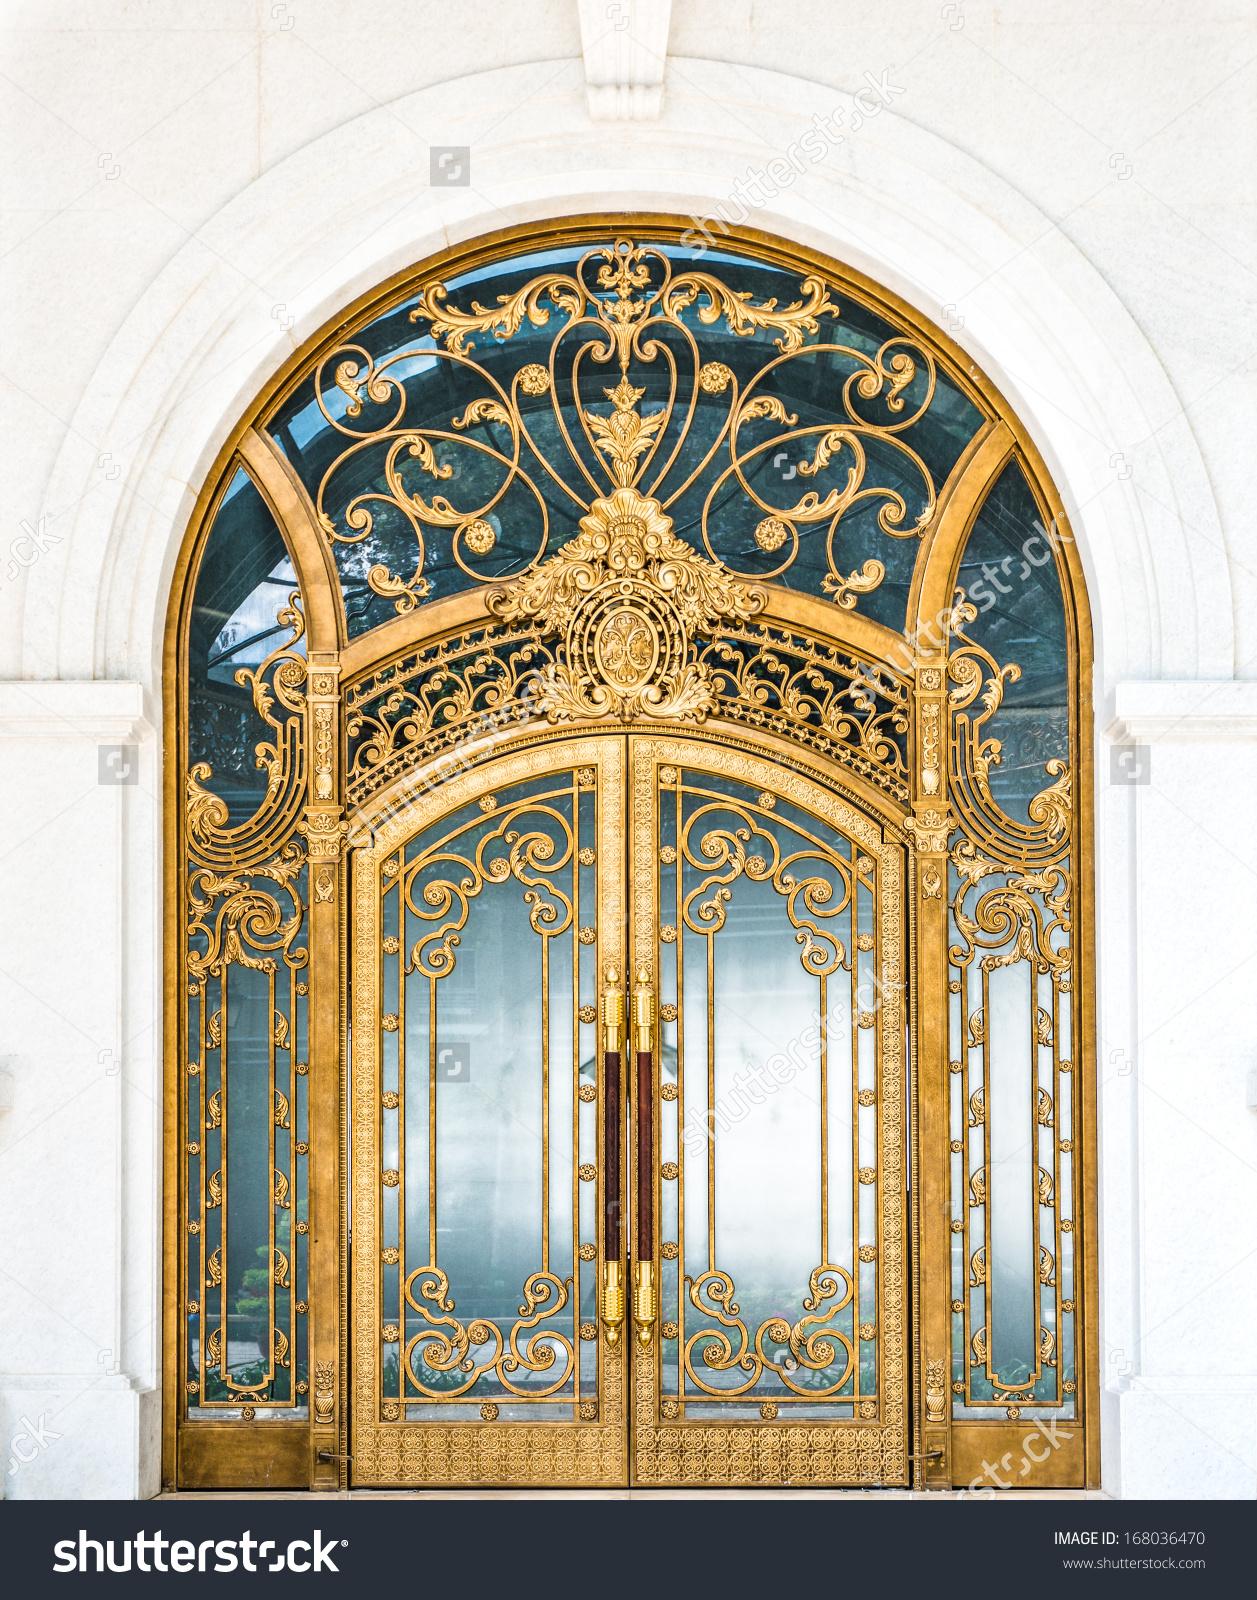 Beautiful Arched Doorway Door Made Wood Stock Photo 168036470.